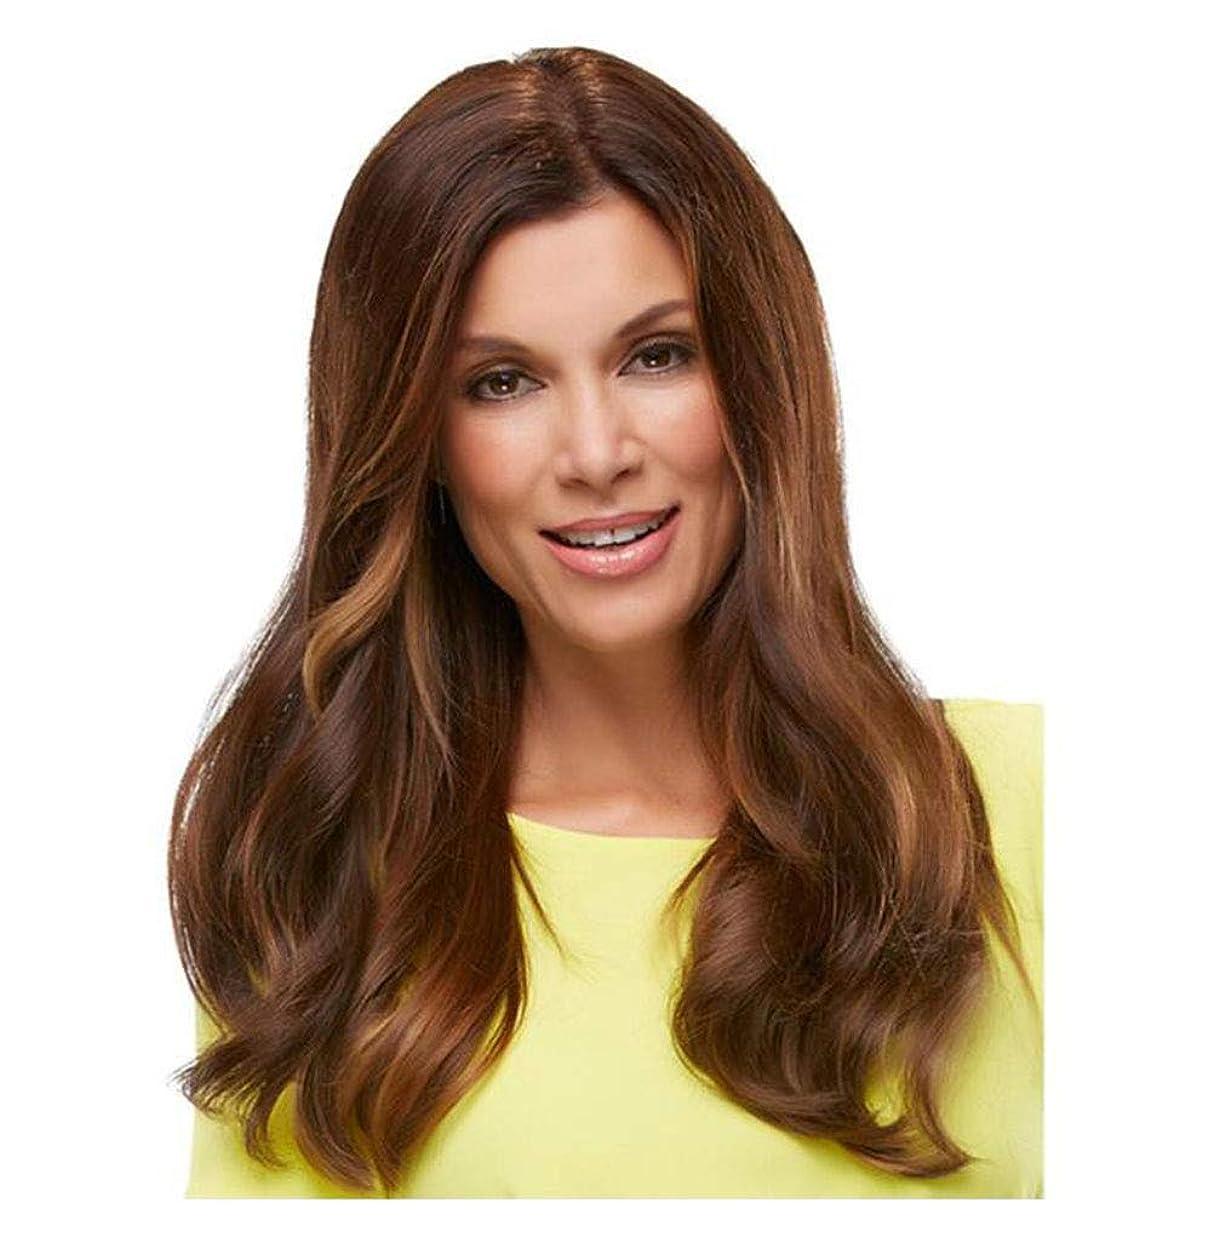 盆地繰り返す準備かつら長い巻き毛のような 女性のための耐熱性 - 日常的な摩耗やコスチュームウィッグのための自然な探している完全な頭髪の交換